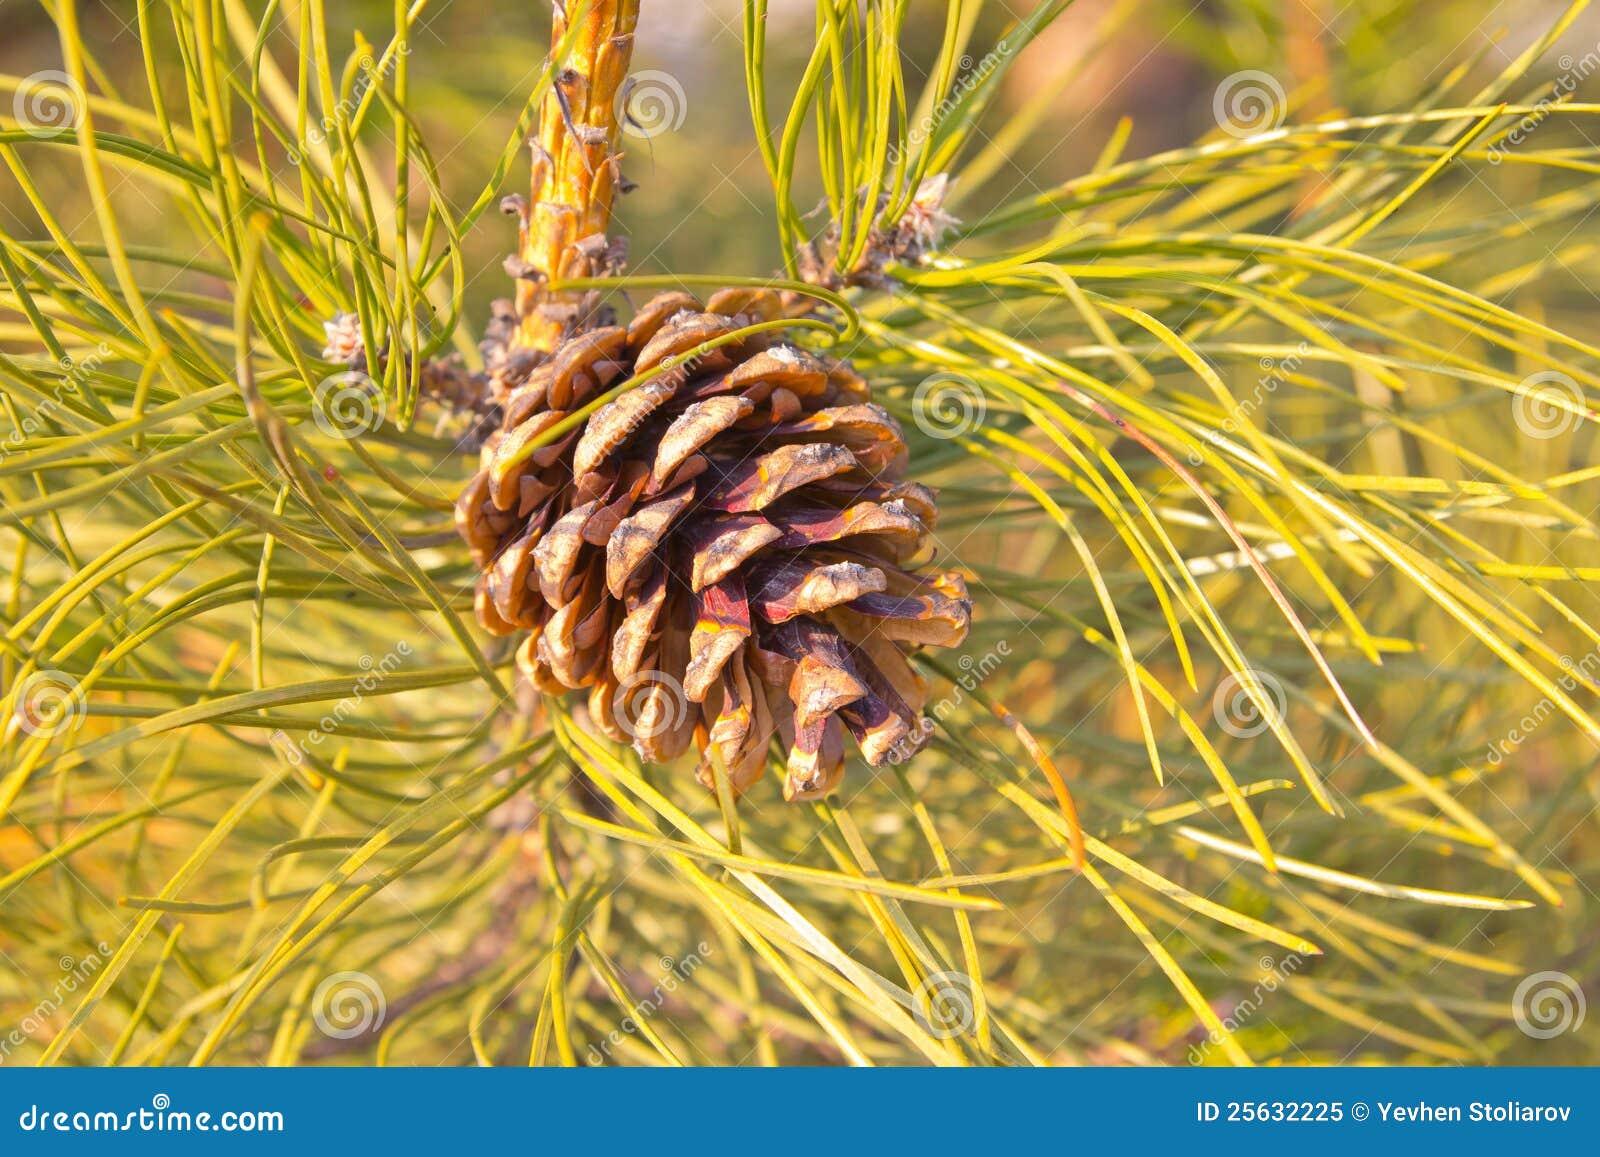 Cono y agujas del pino imagen de archivo. Imagen de pino - 25632225